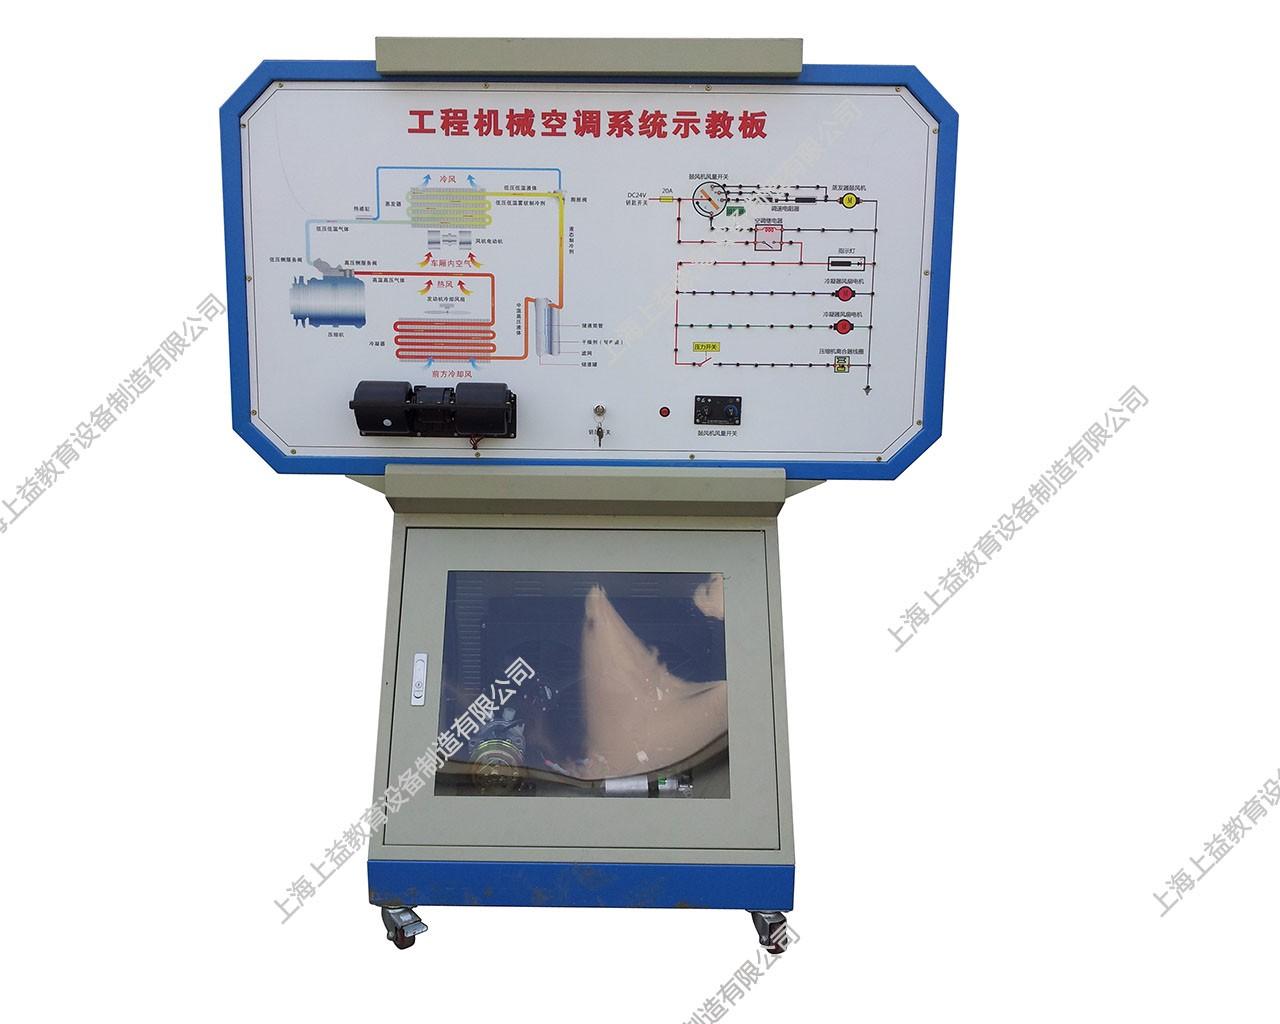 工程机械空调系统wwwlehu8vip台